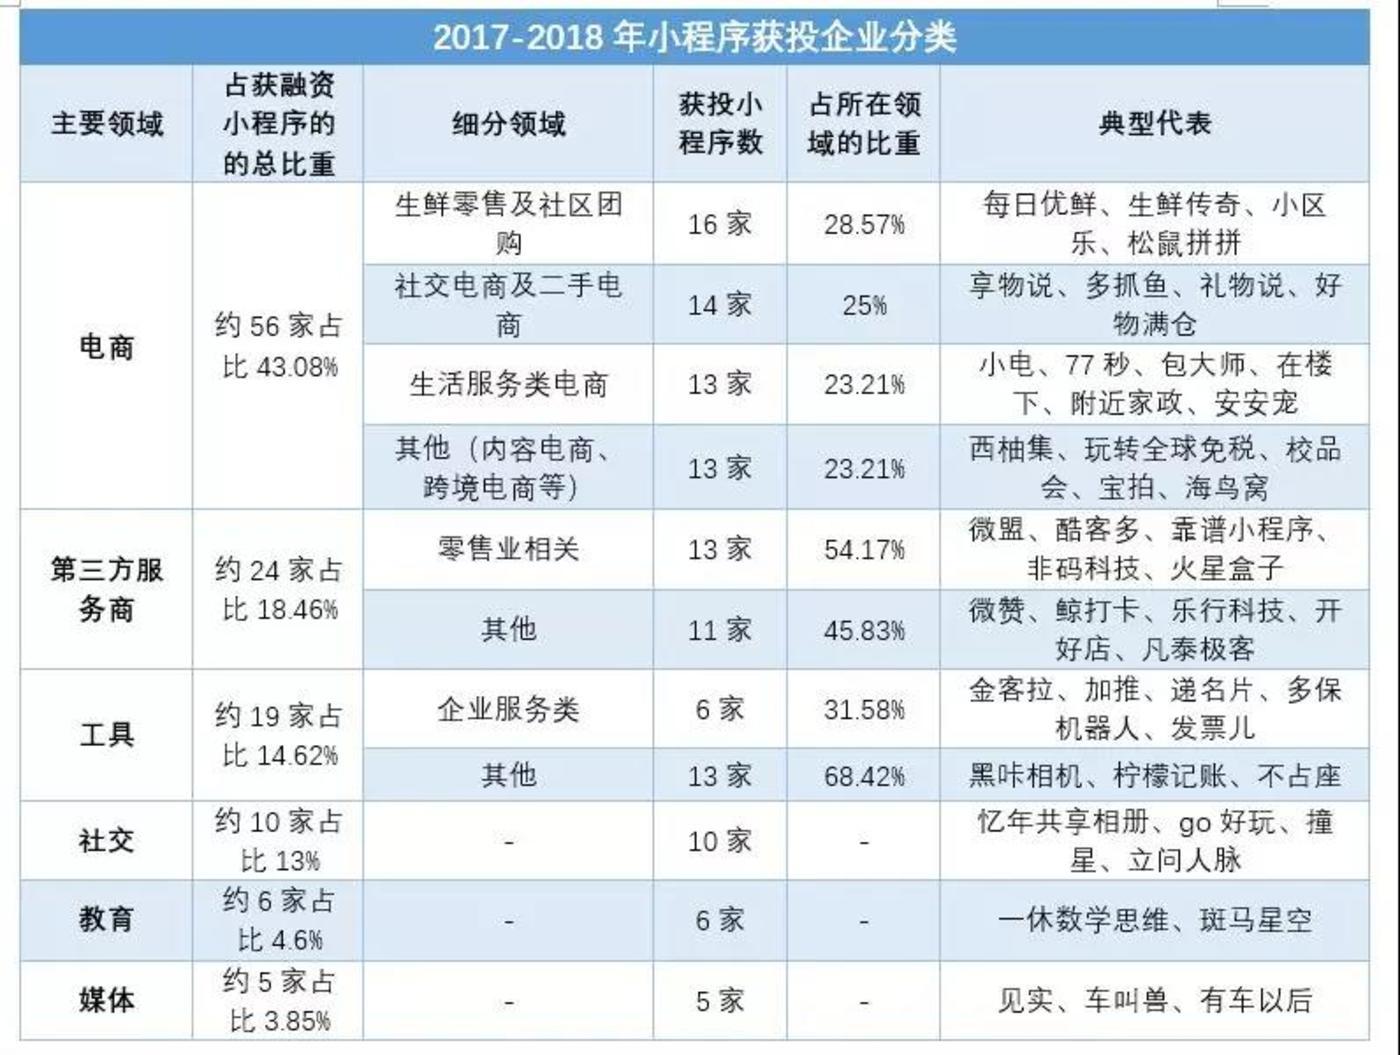 2017-2018年小程序获投企业分类,地歌网制图